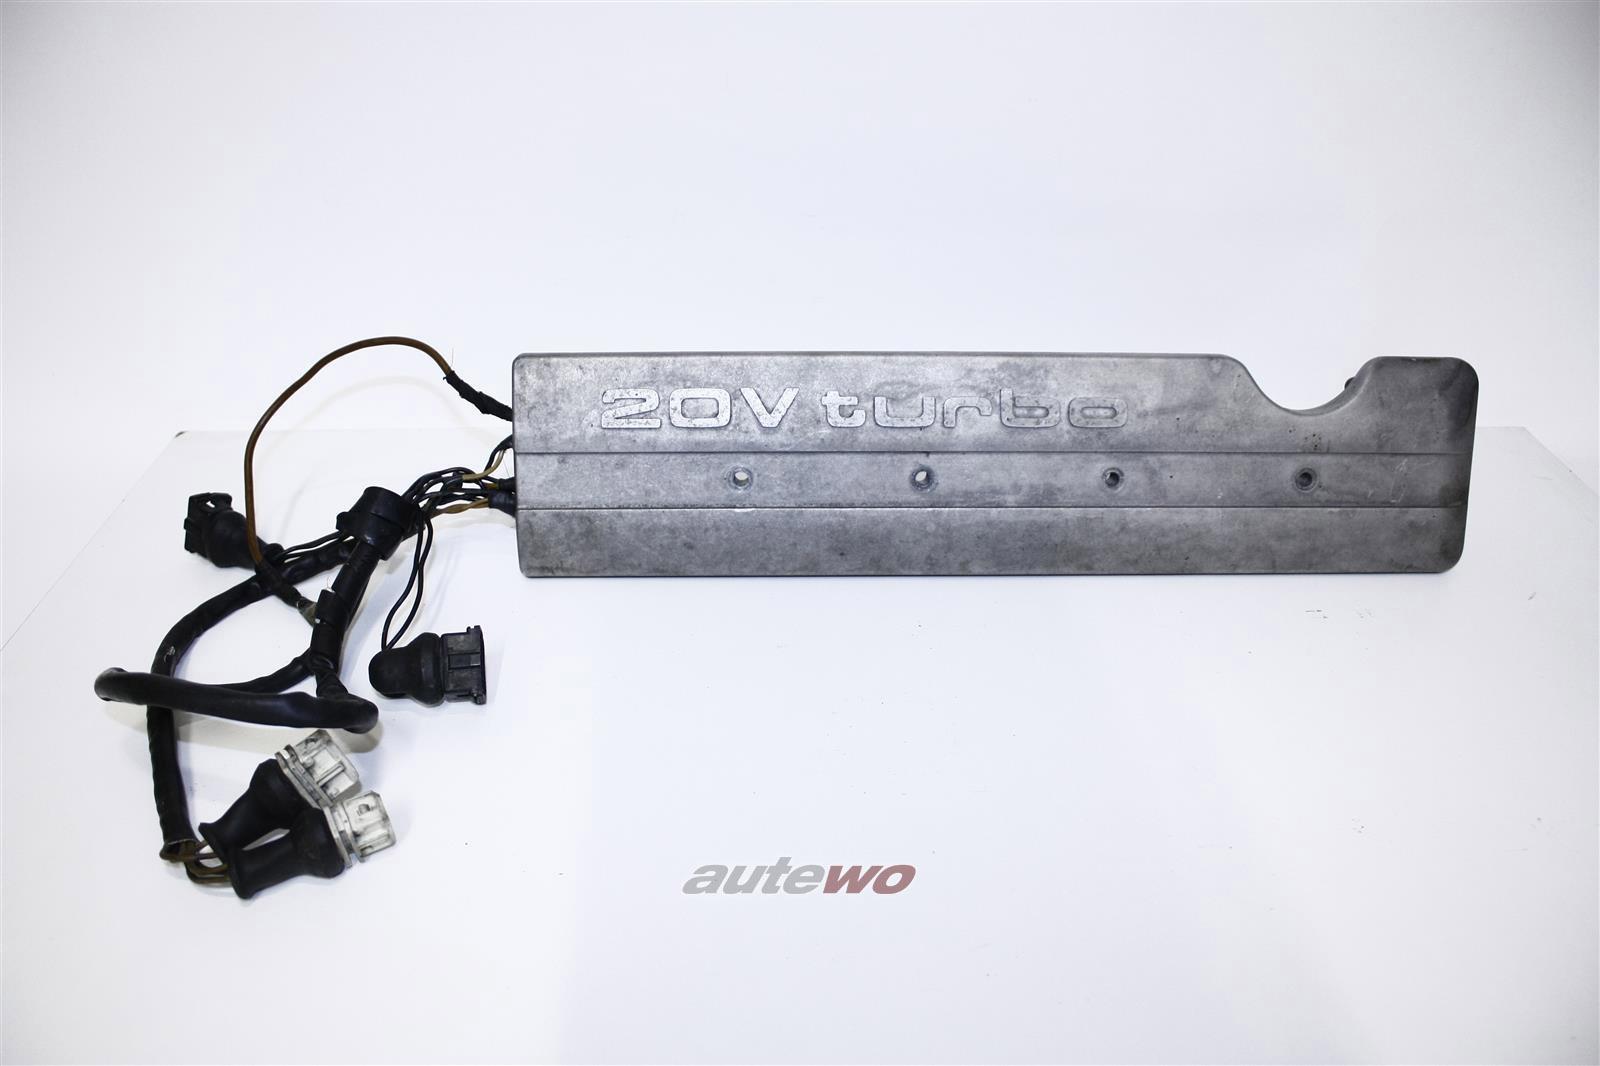 Audi S2/S4/S6 C4/RS2 2.2l 20V Turbo Einzelzündspulen-Leiste inkl. Abdeckung 034905101 & 034103724B